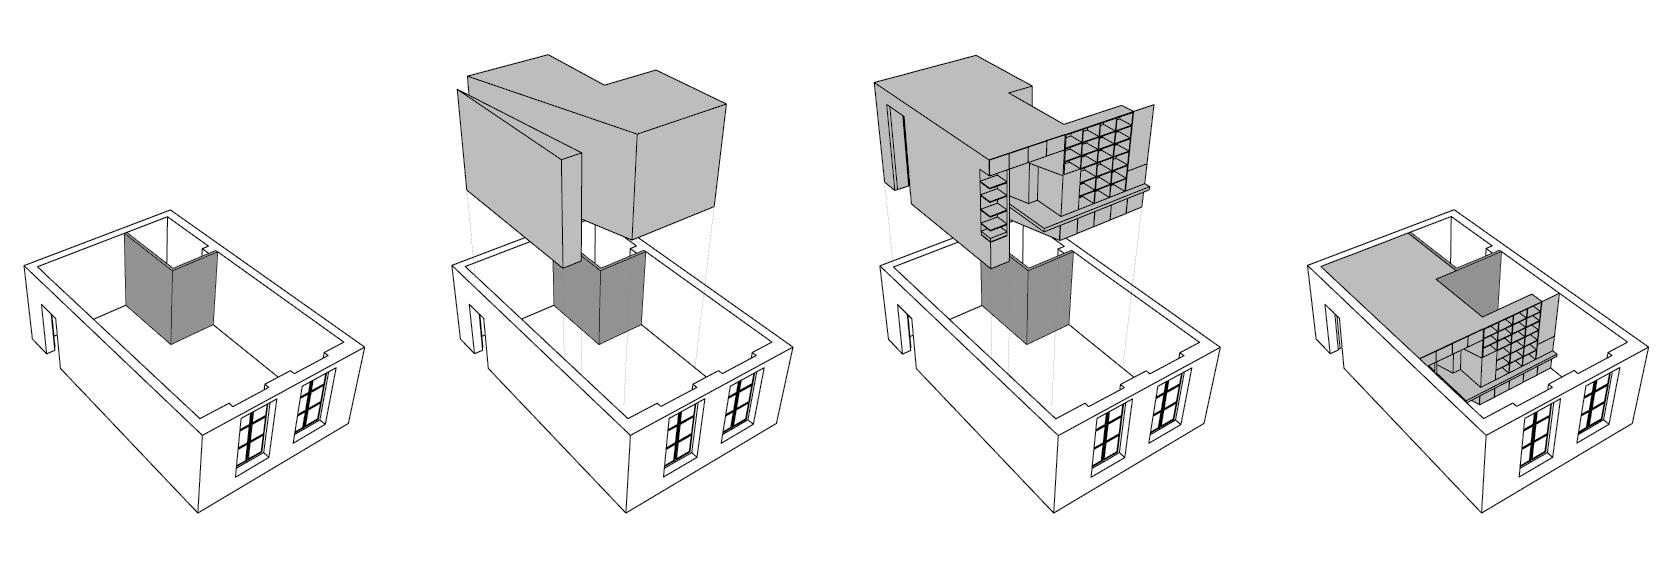 E:ARCHIATELIER JMCA�1-PROJETS�27-APT ARQUEBUSIERS2-Concepti